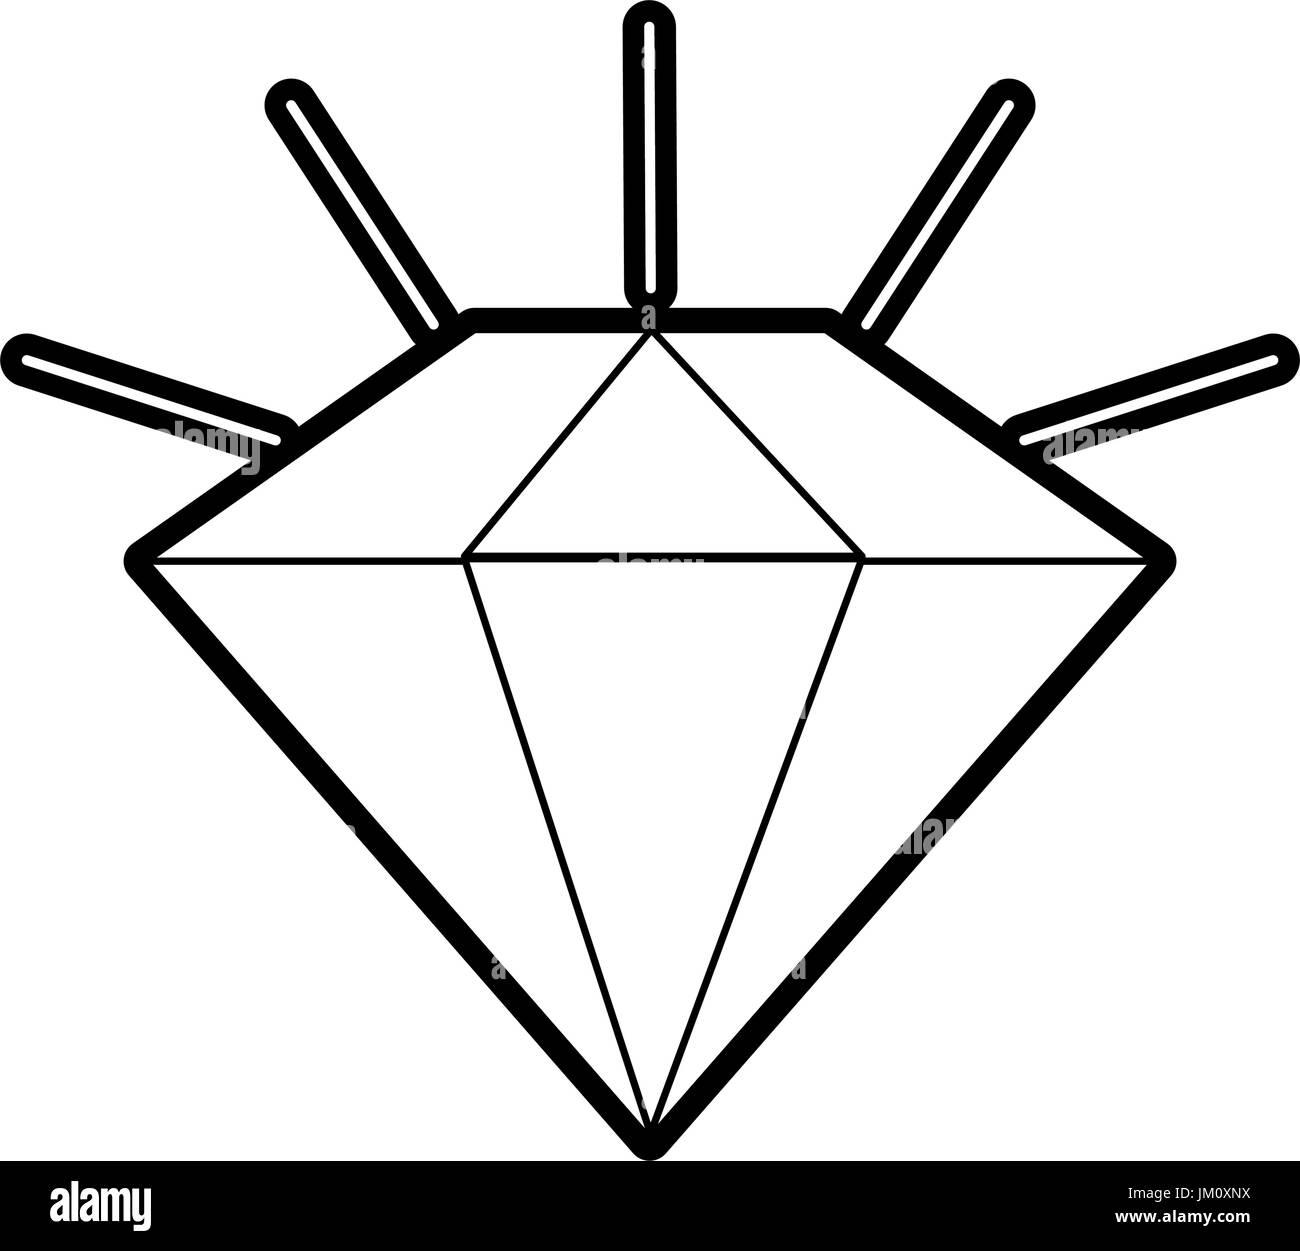 diamond stone cartoon - Stock Image